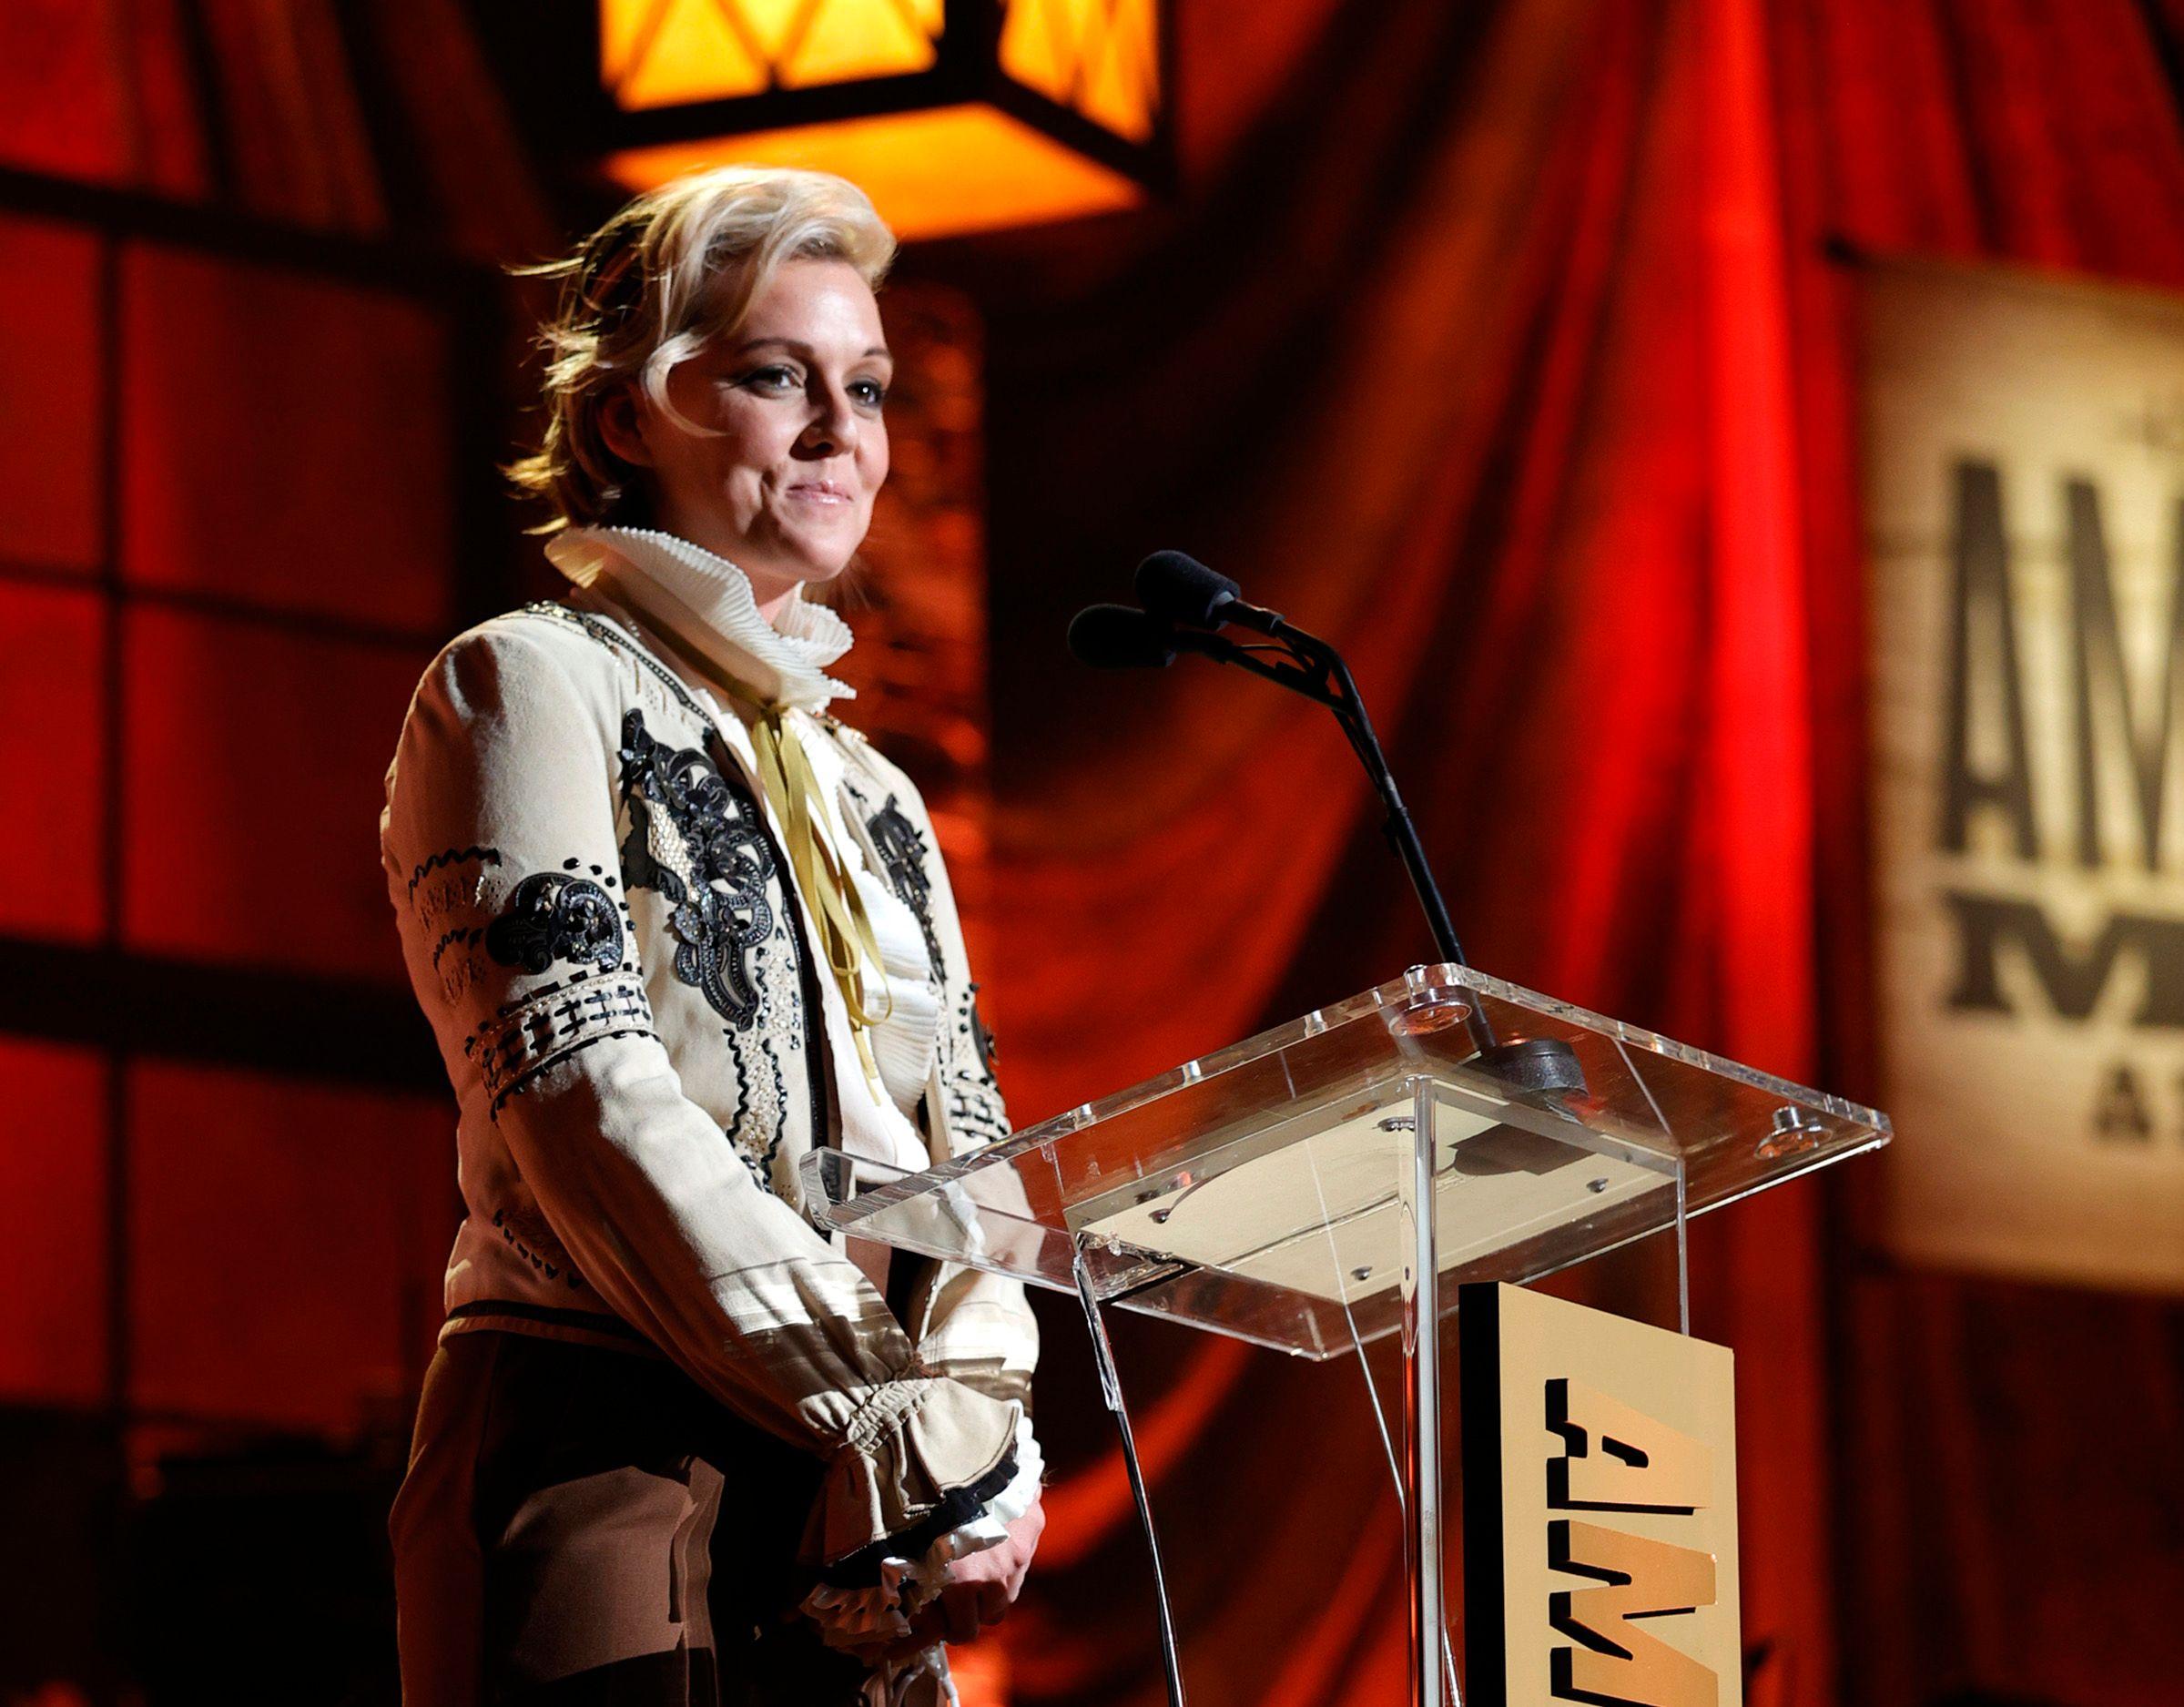 Brandi Carlile by Jason Kempin / Getty Images